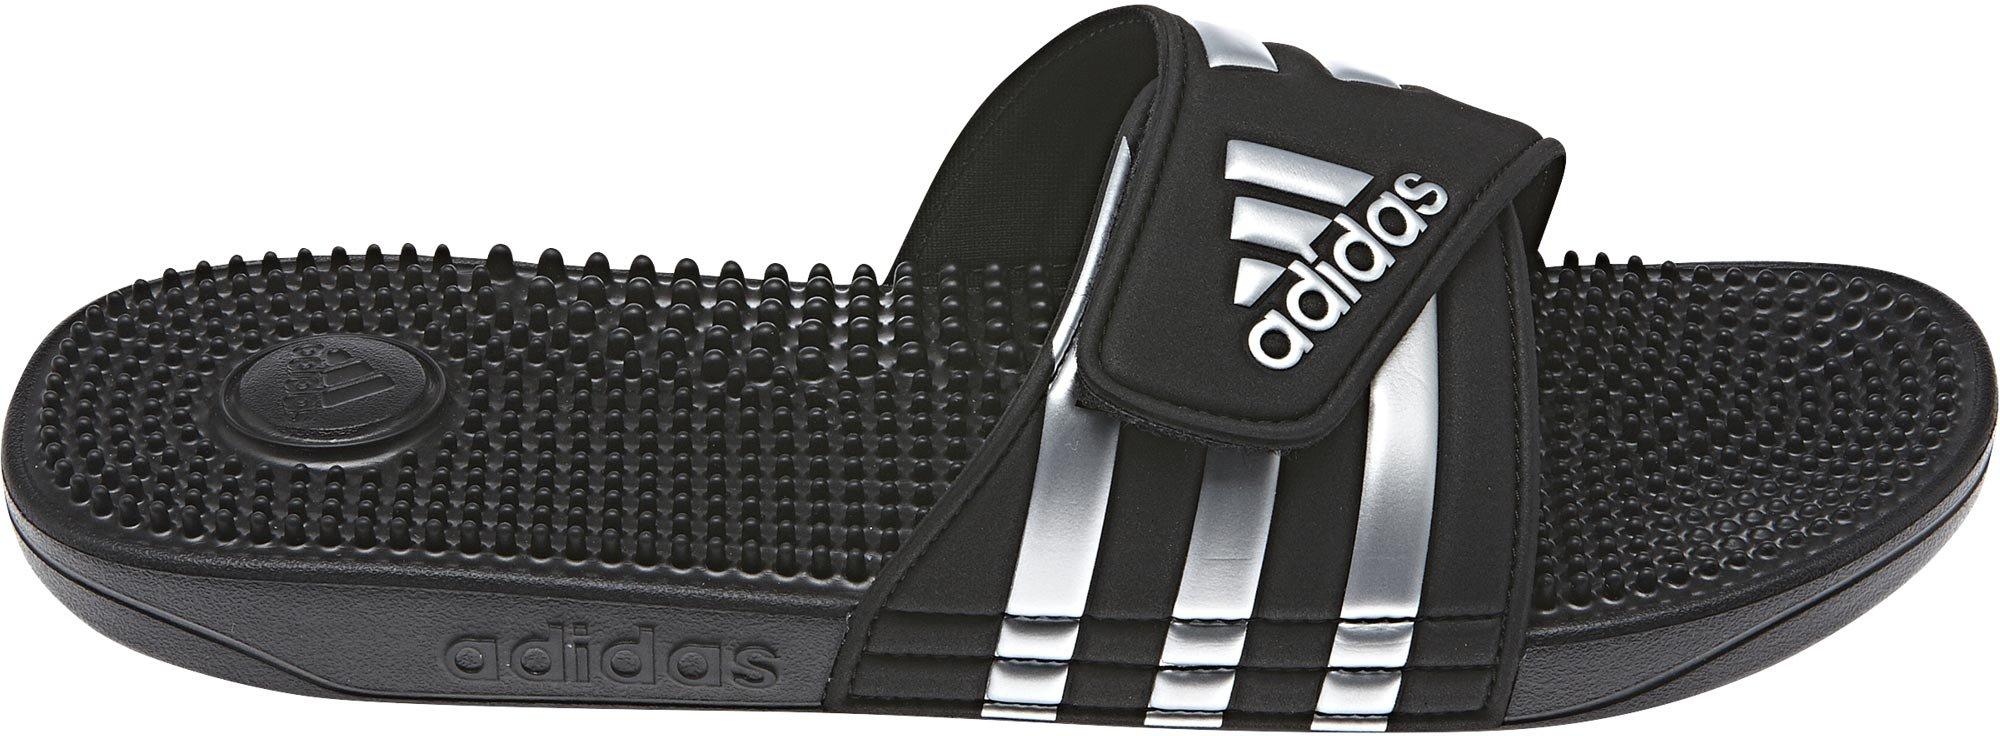 adidas Adissage 43 1/3